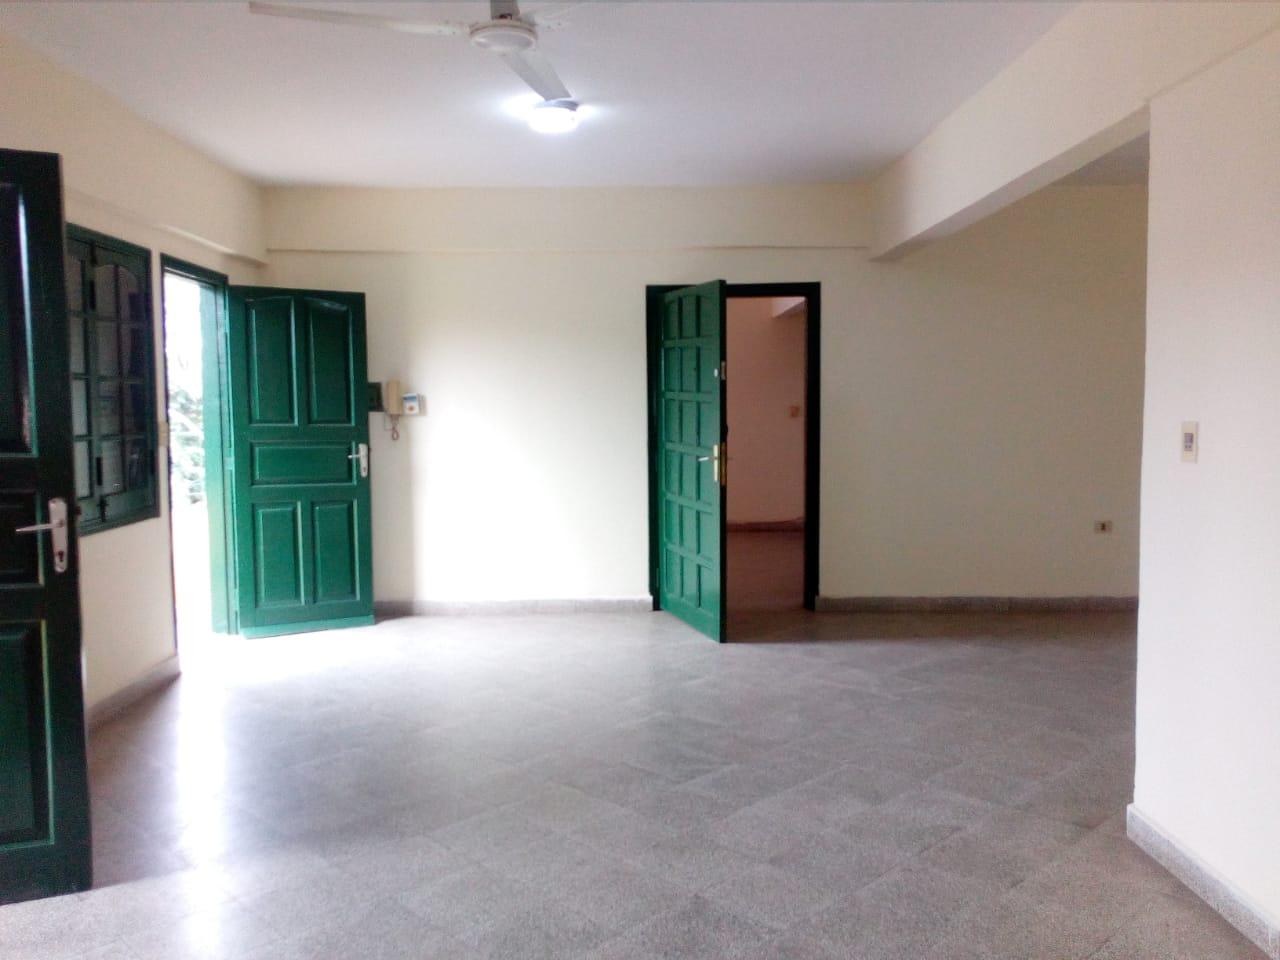 Amplio Departamento De 3 Dormitorios En Barrio Jara Zona Universidad Americana